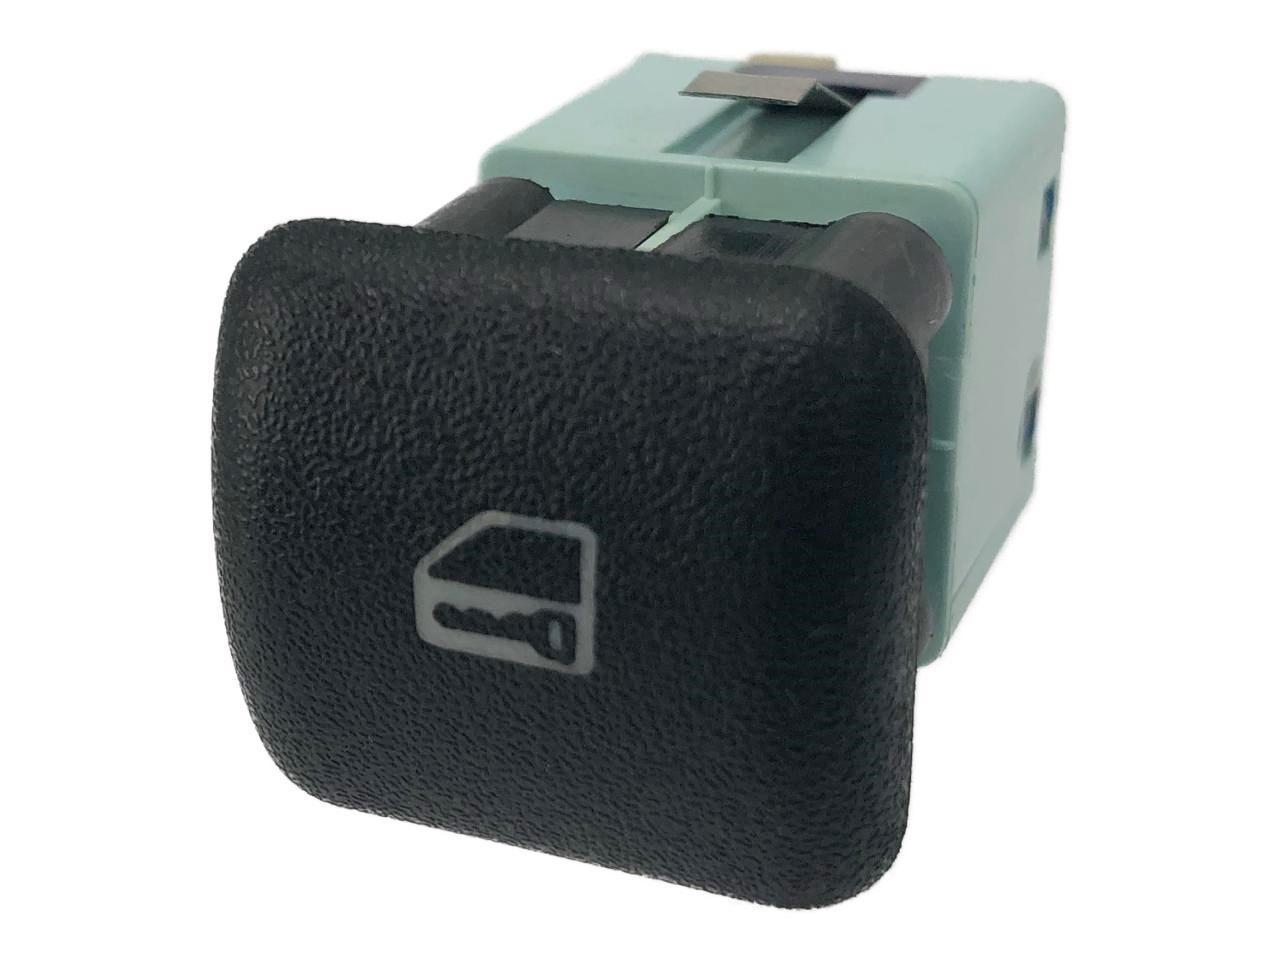 Botão Interruptor de Trava Elétrica de Portas do Painel 93305369 Gm Zafira 01 02 03 04 05 06 07 08 09 010 011 012